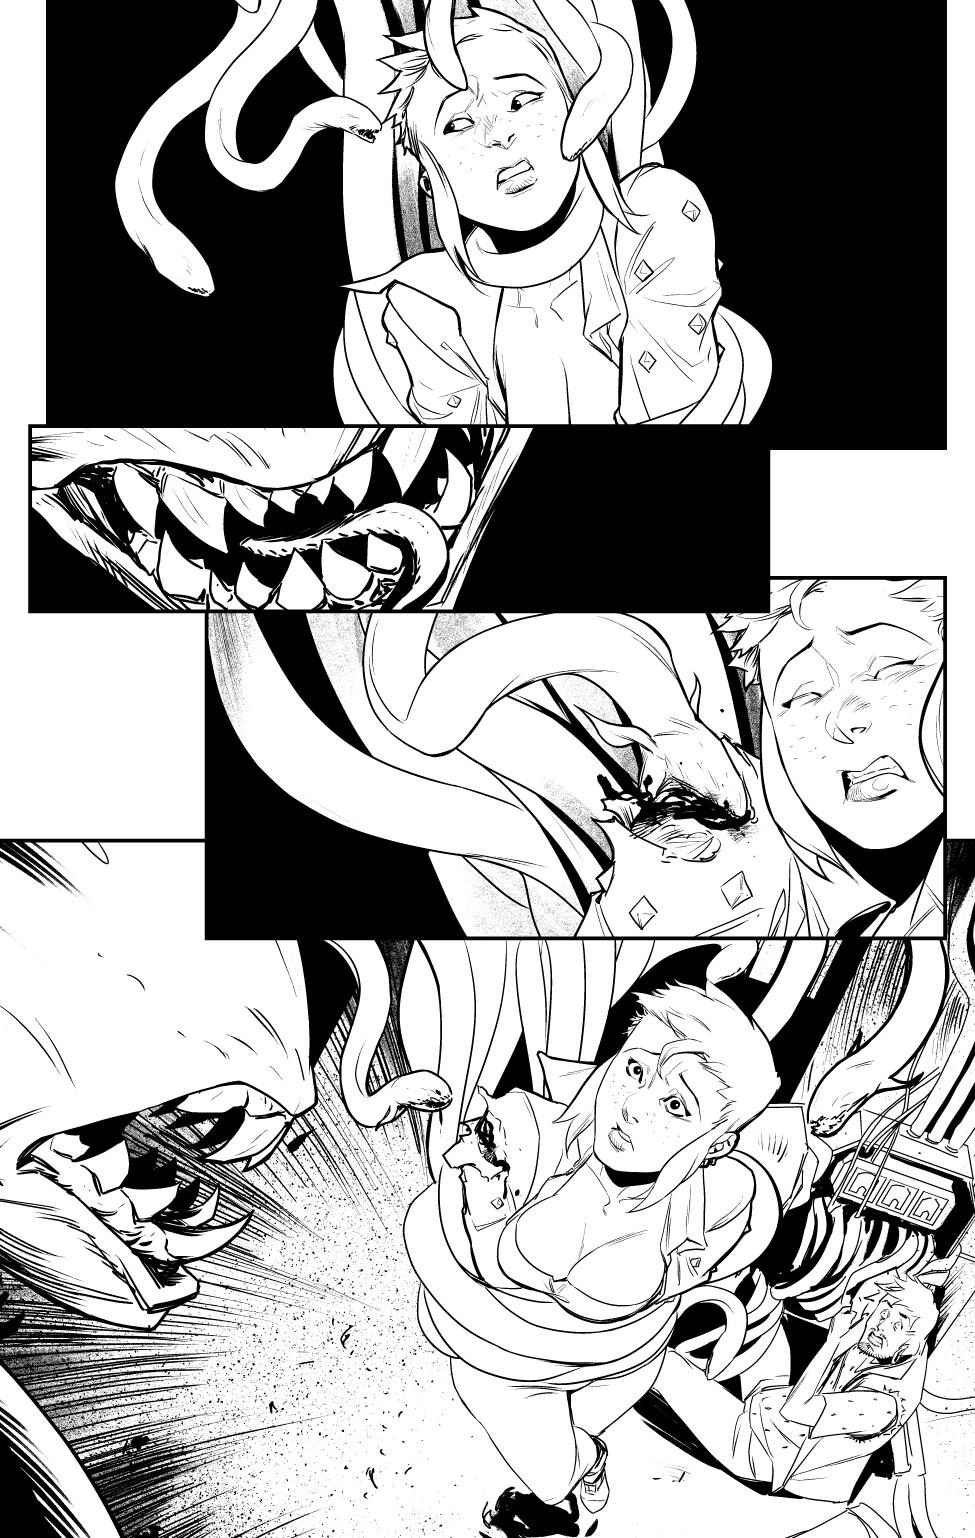 Greeme doe monster city ink pg 018